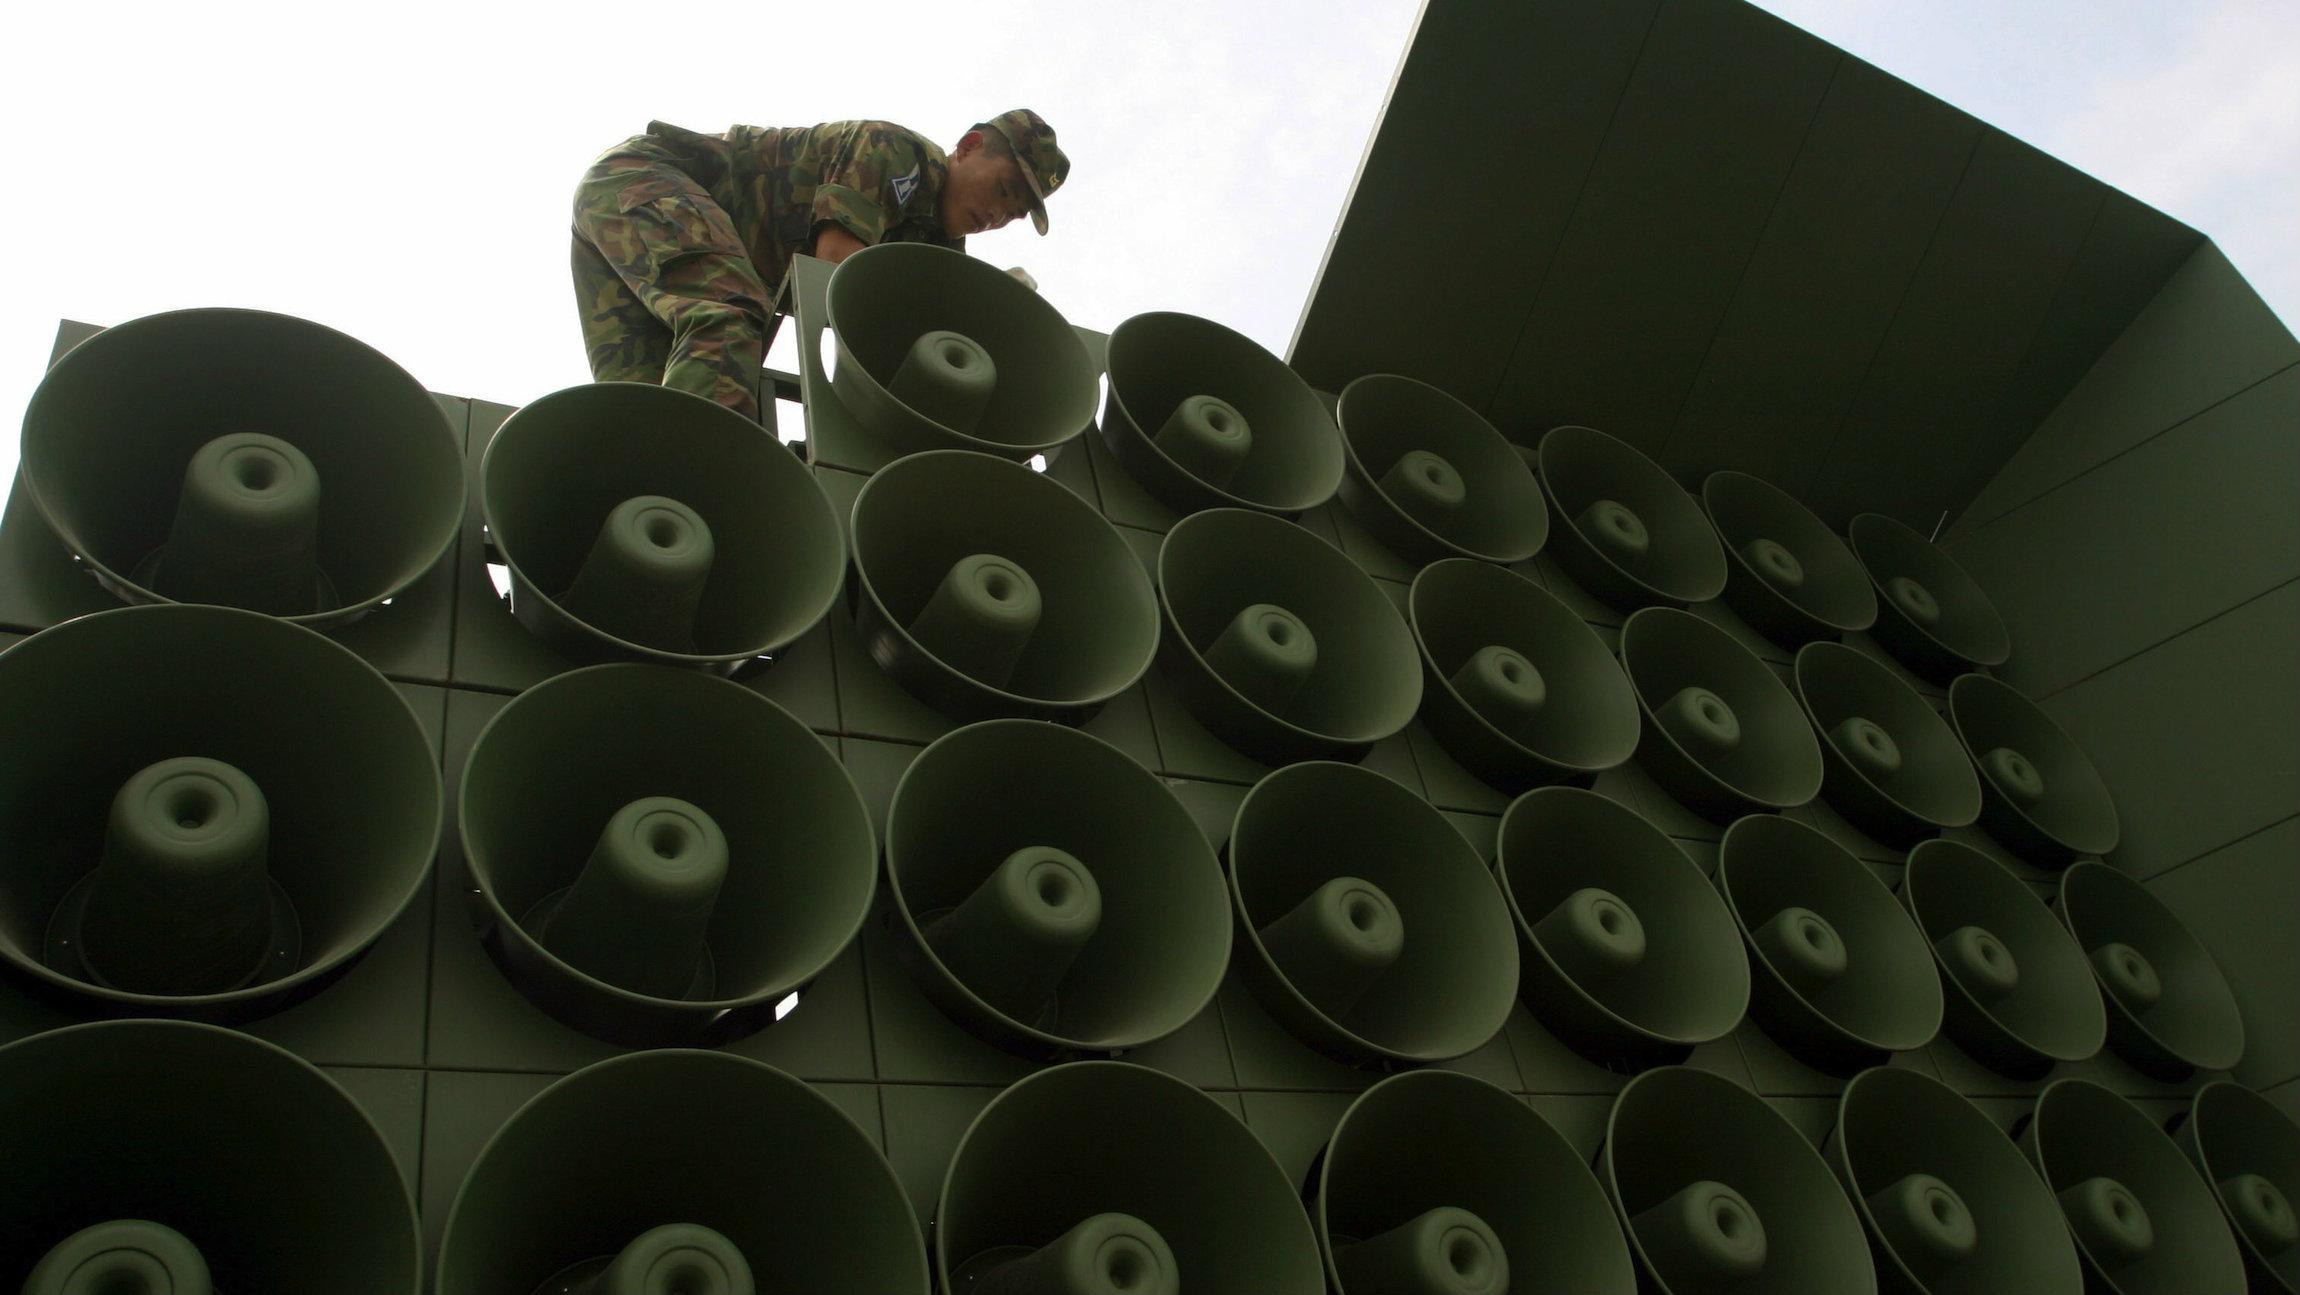 South Korea has begun using loudspeakers to broadcast anti-North Korea broadcasts.